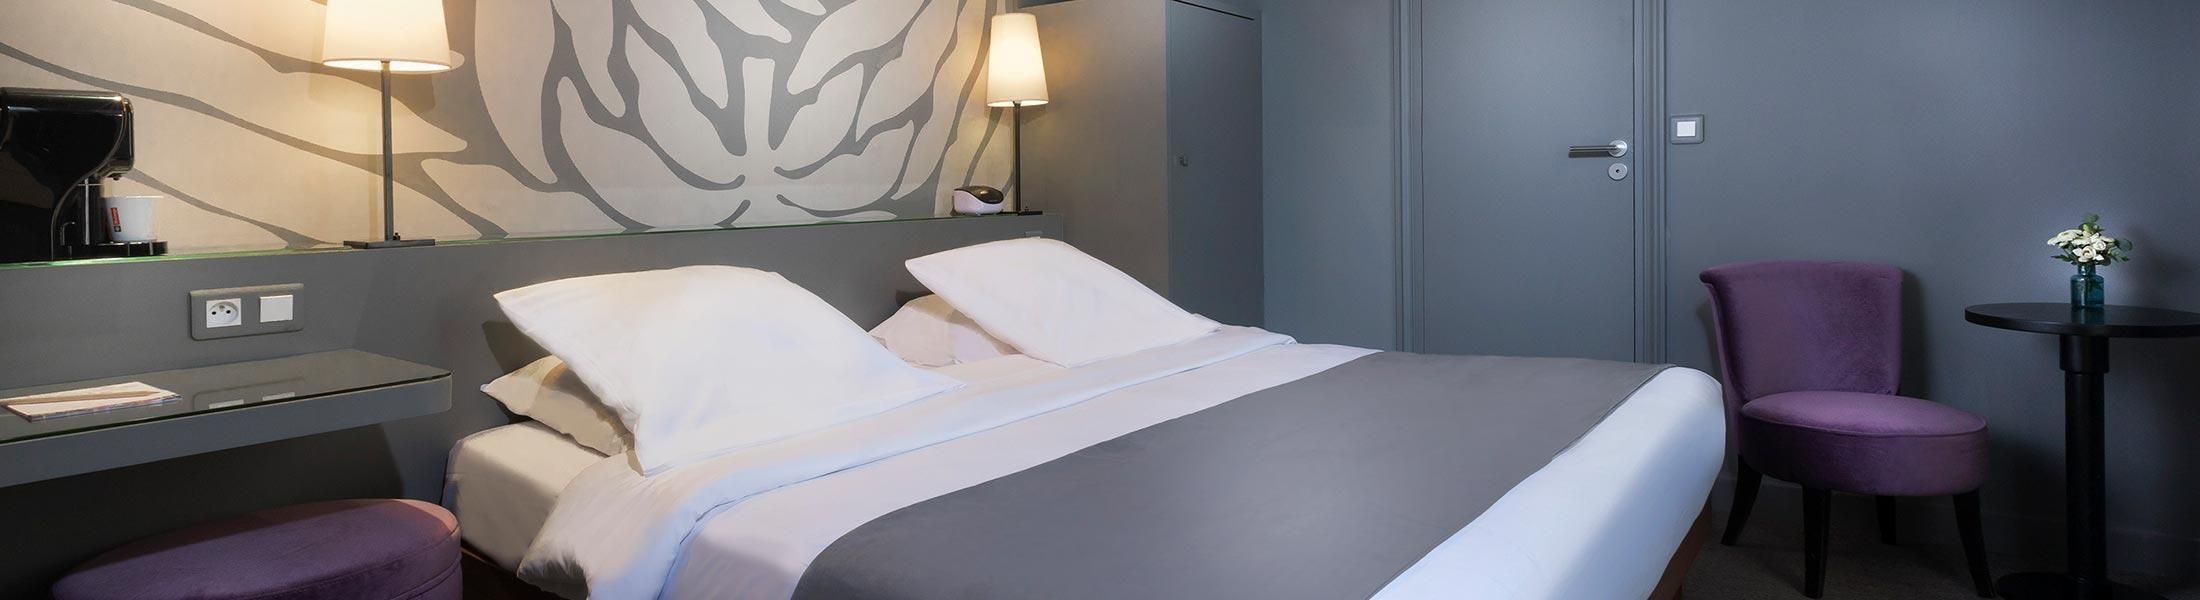 Gardette Park Hotel - Habitación